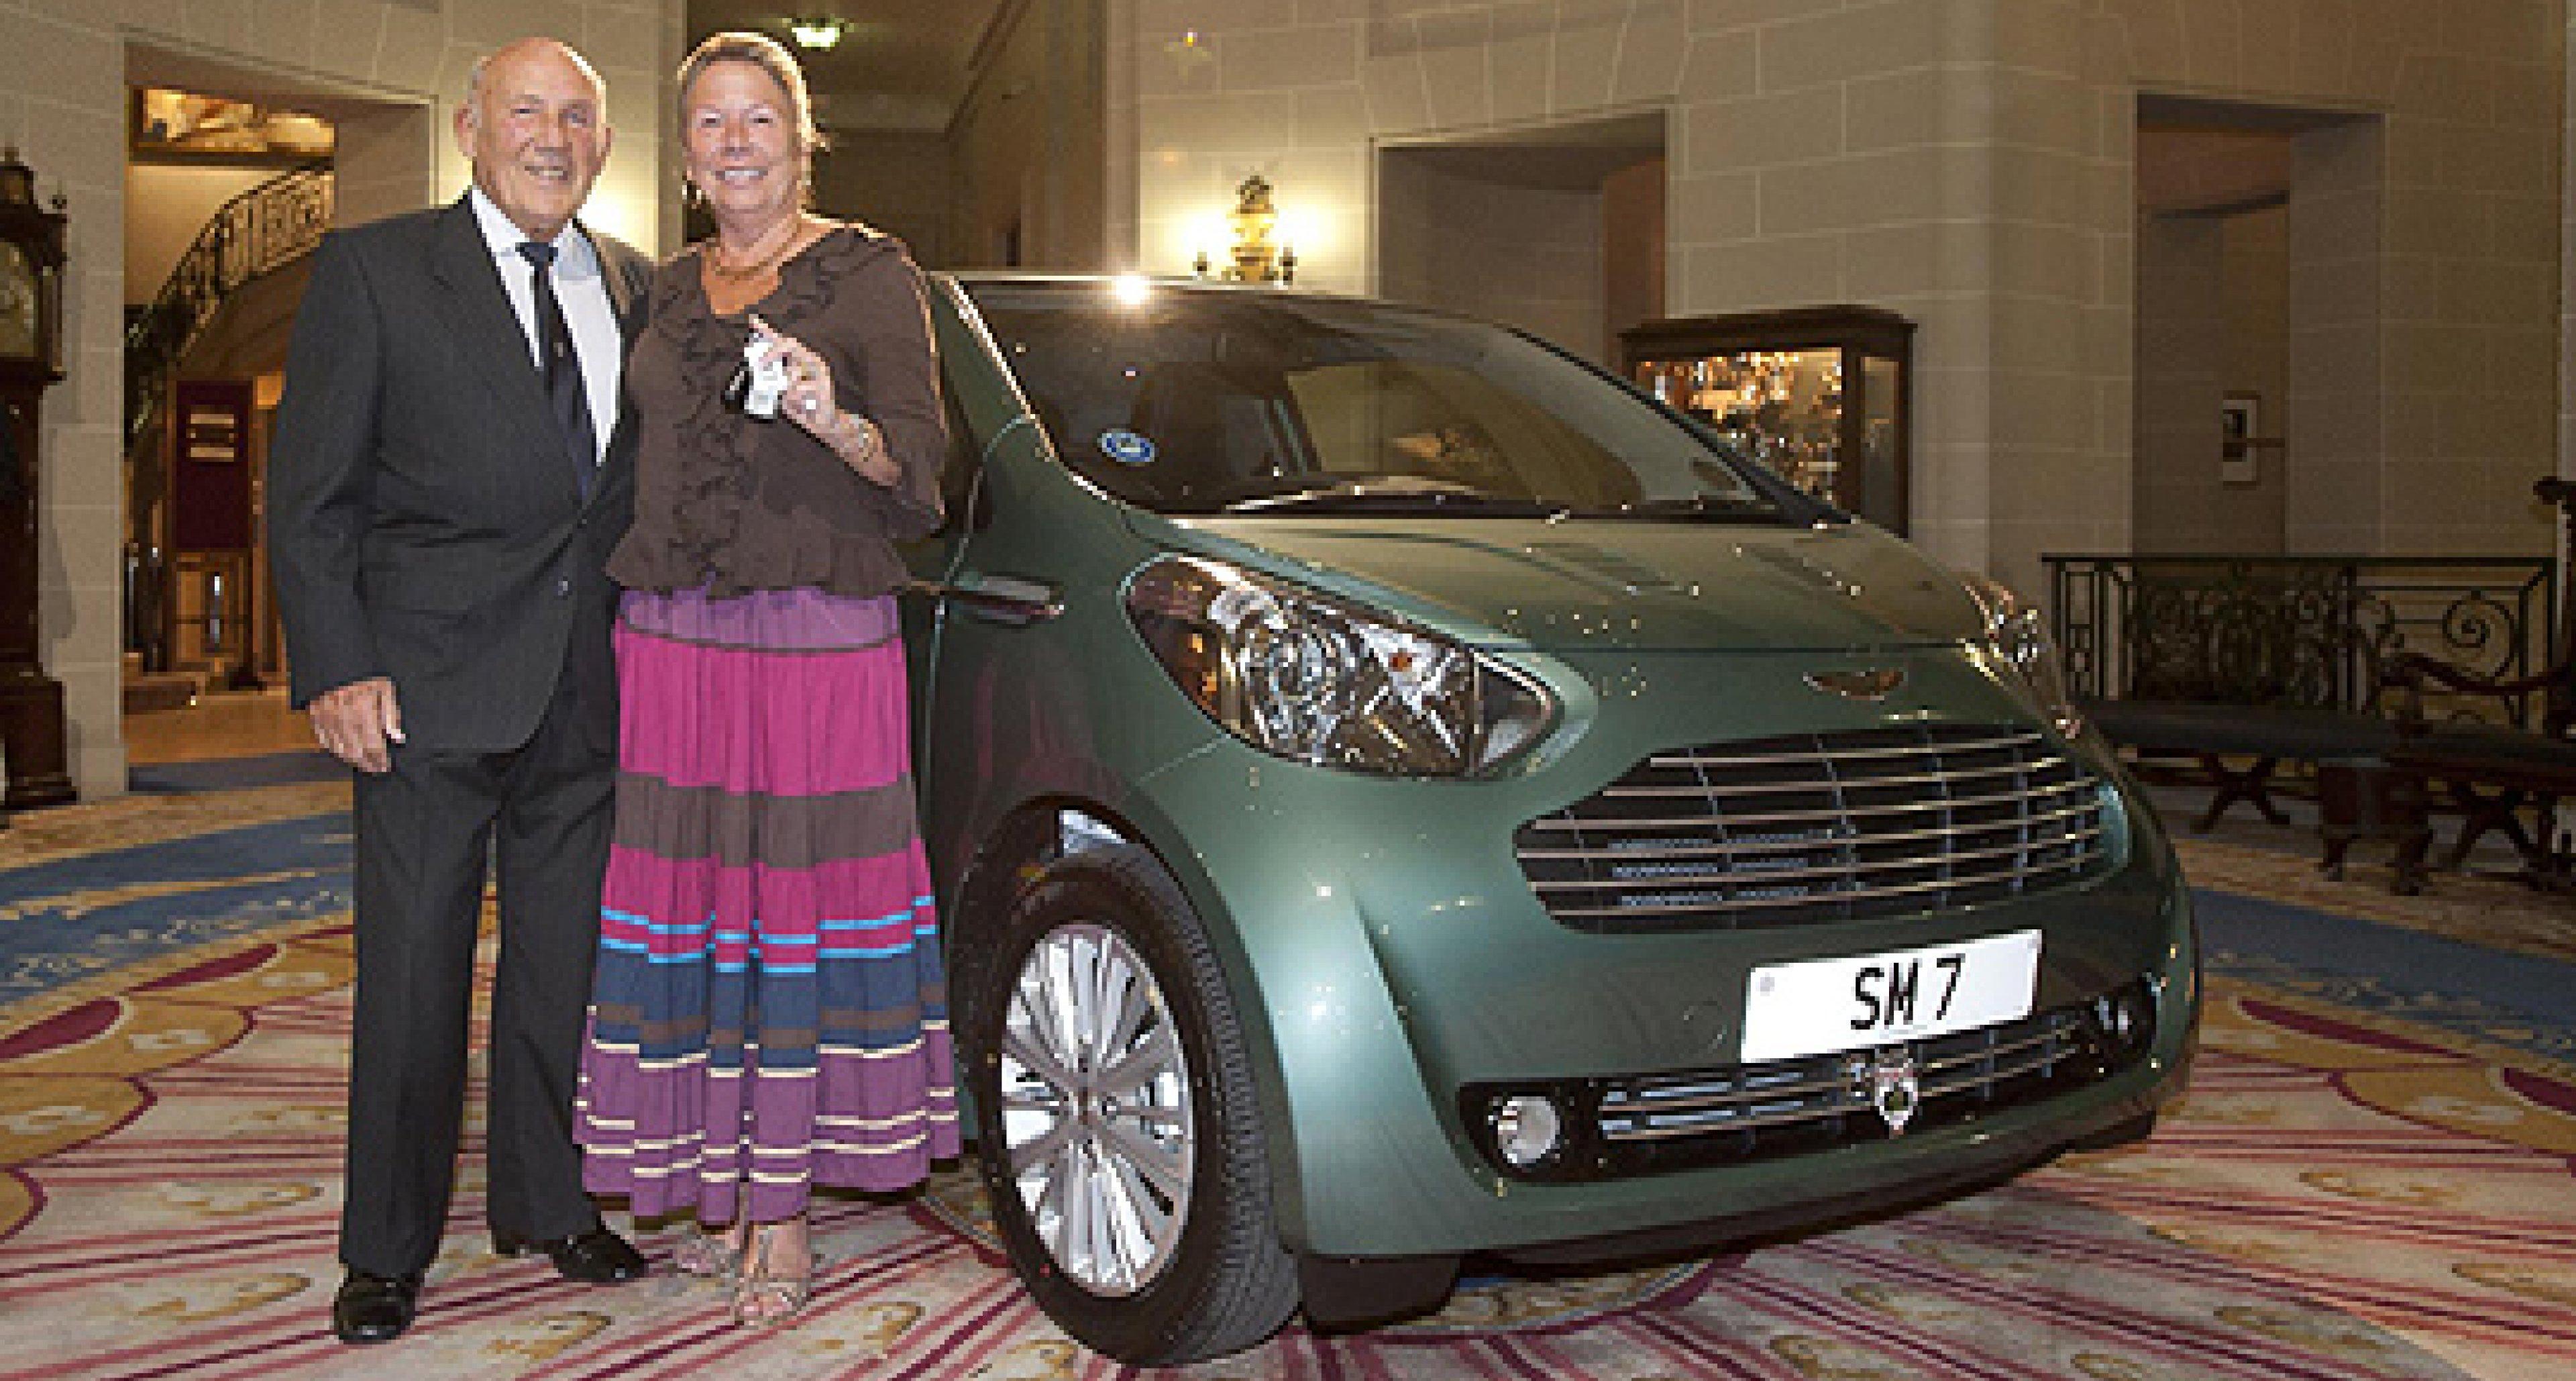 Sir Stirling Moss schenkt Lady Susie einen Aston Martin Cygnet